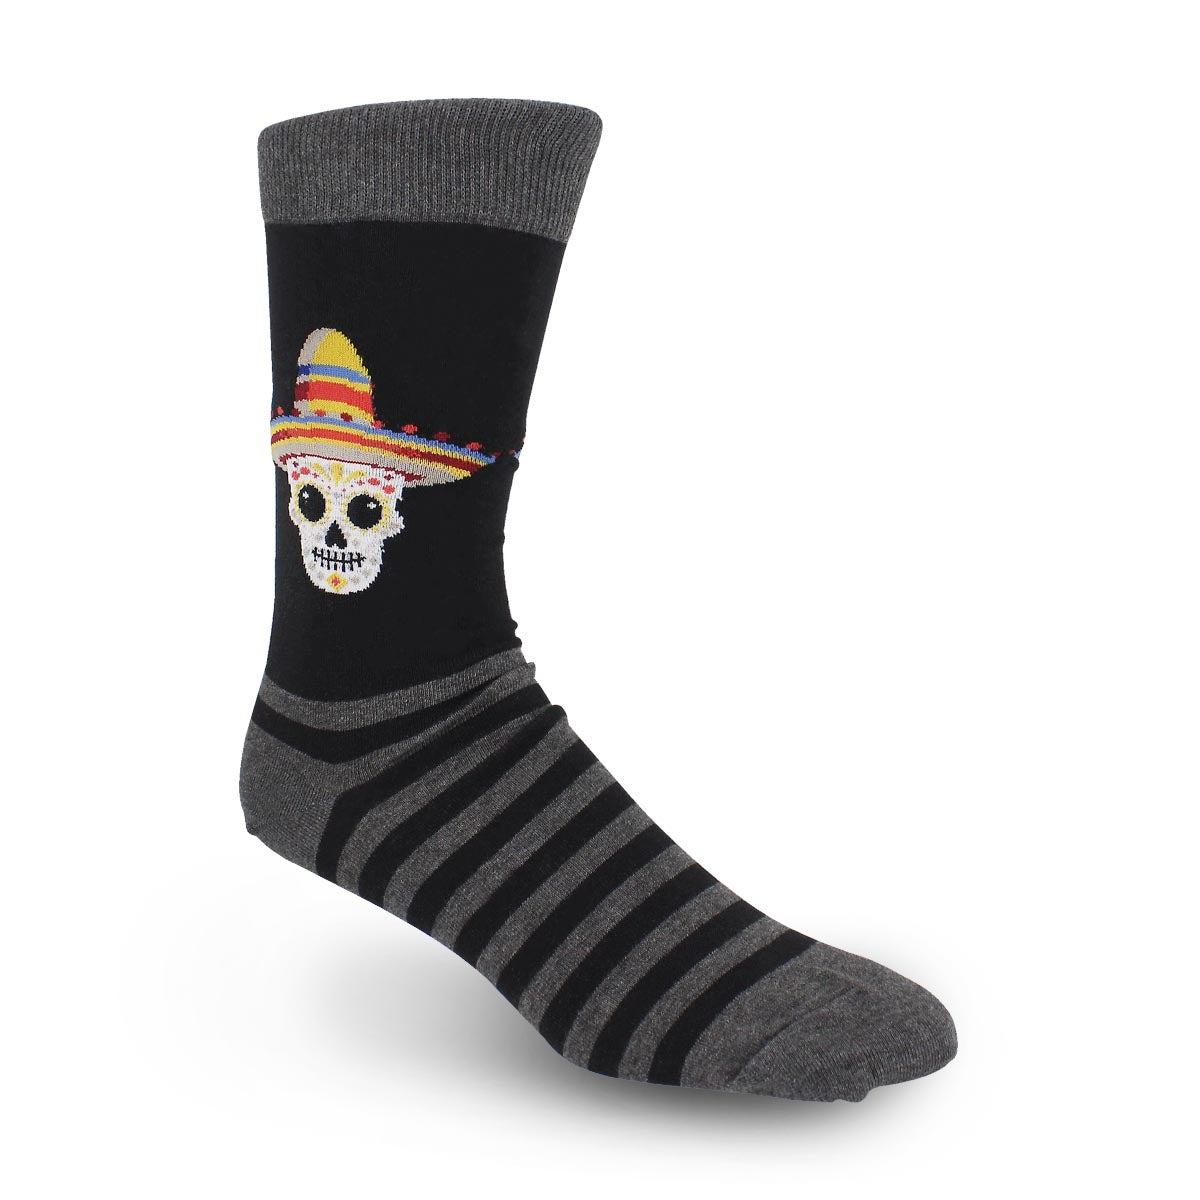 Men's Sombrero Sugar Skull Sock -Black Printed